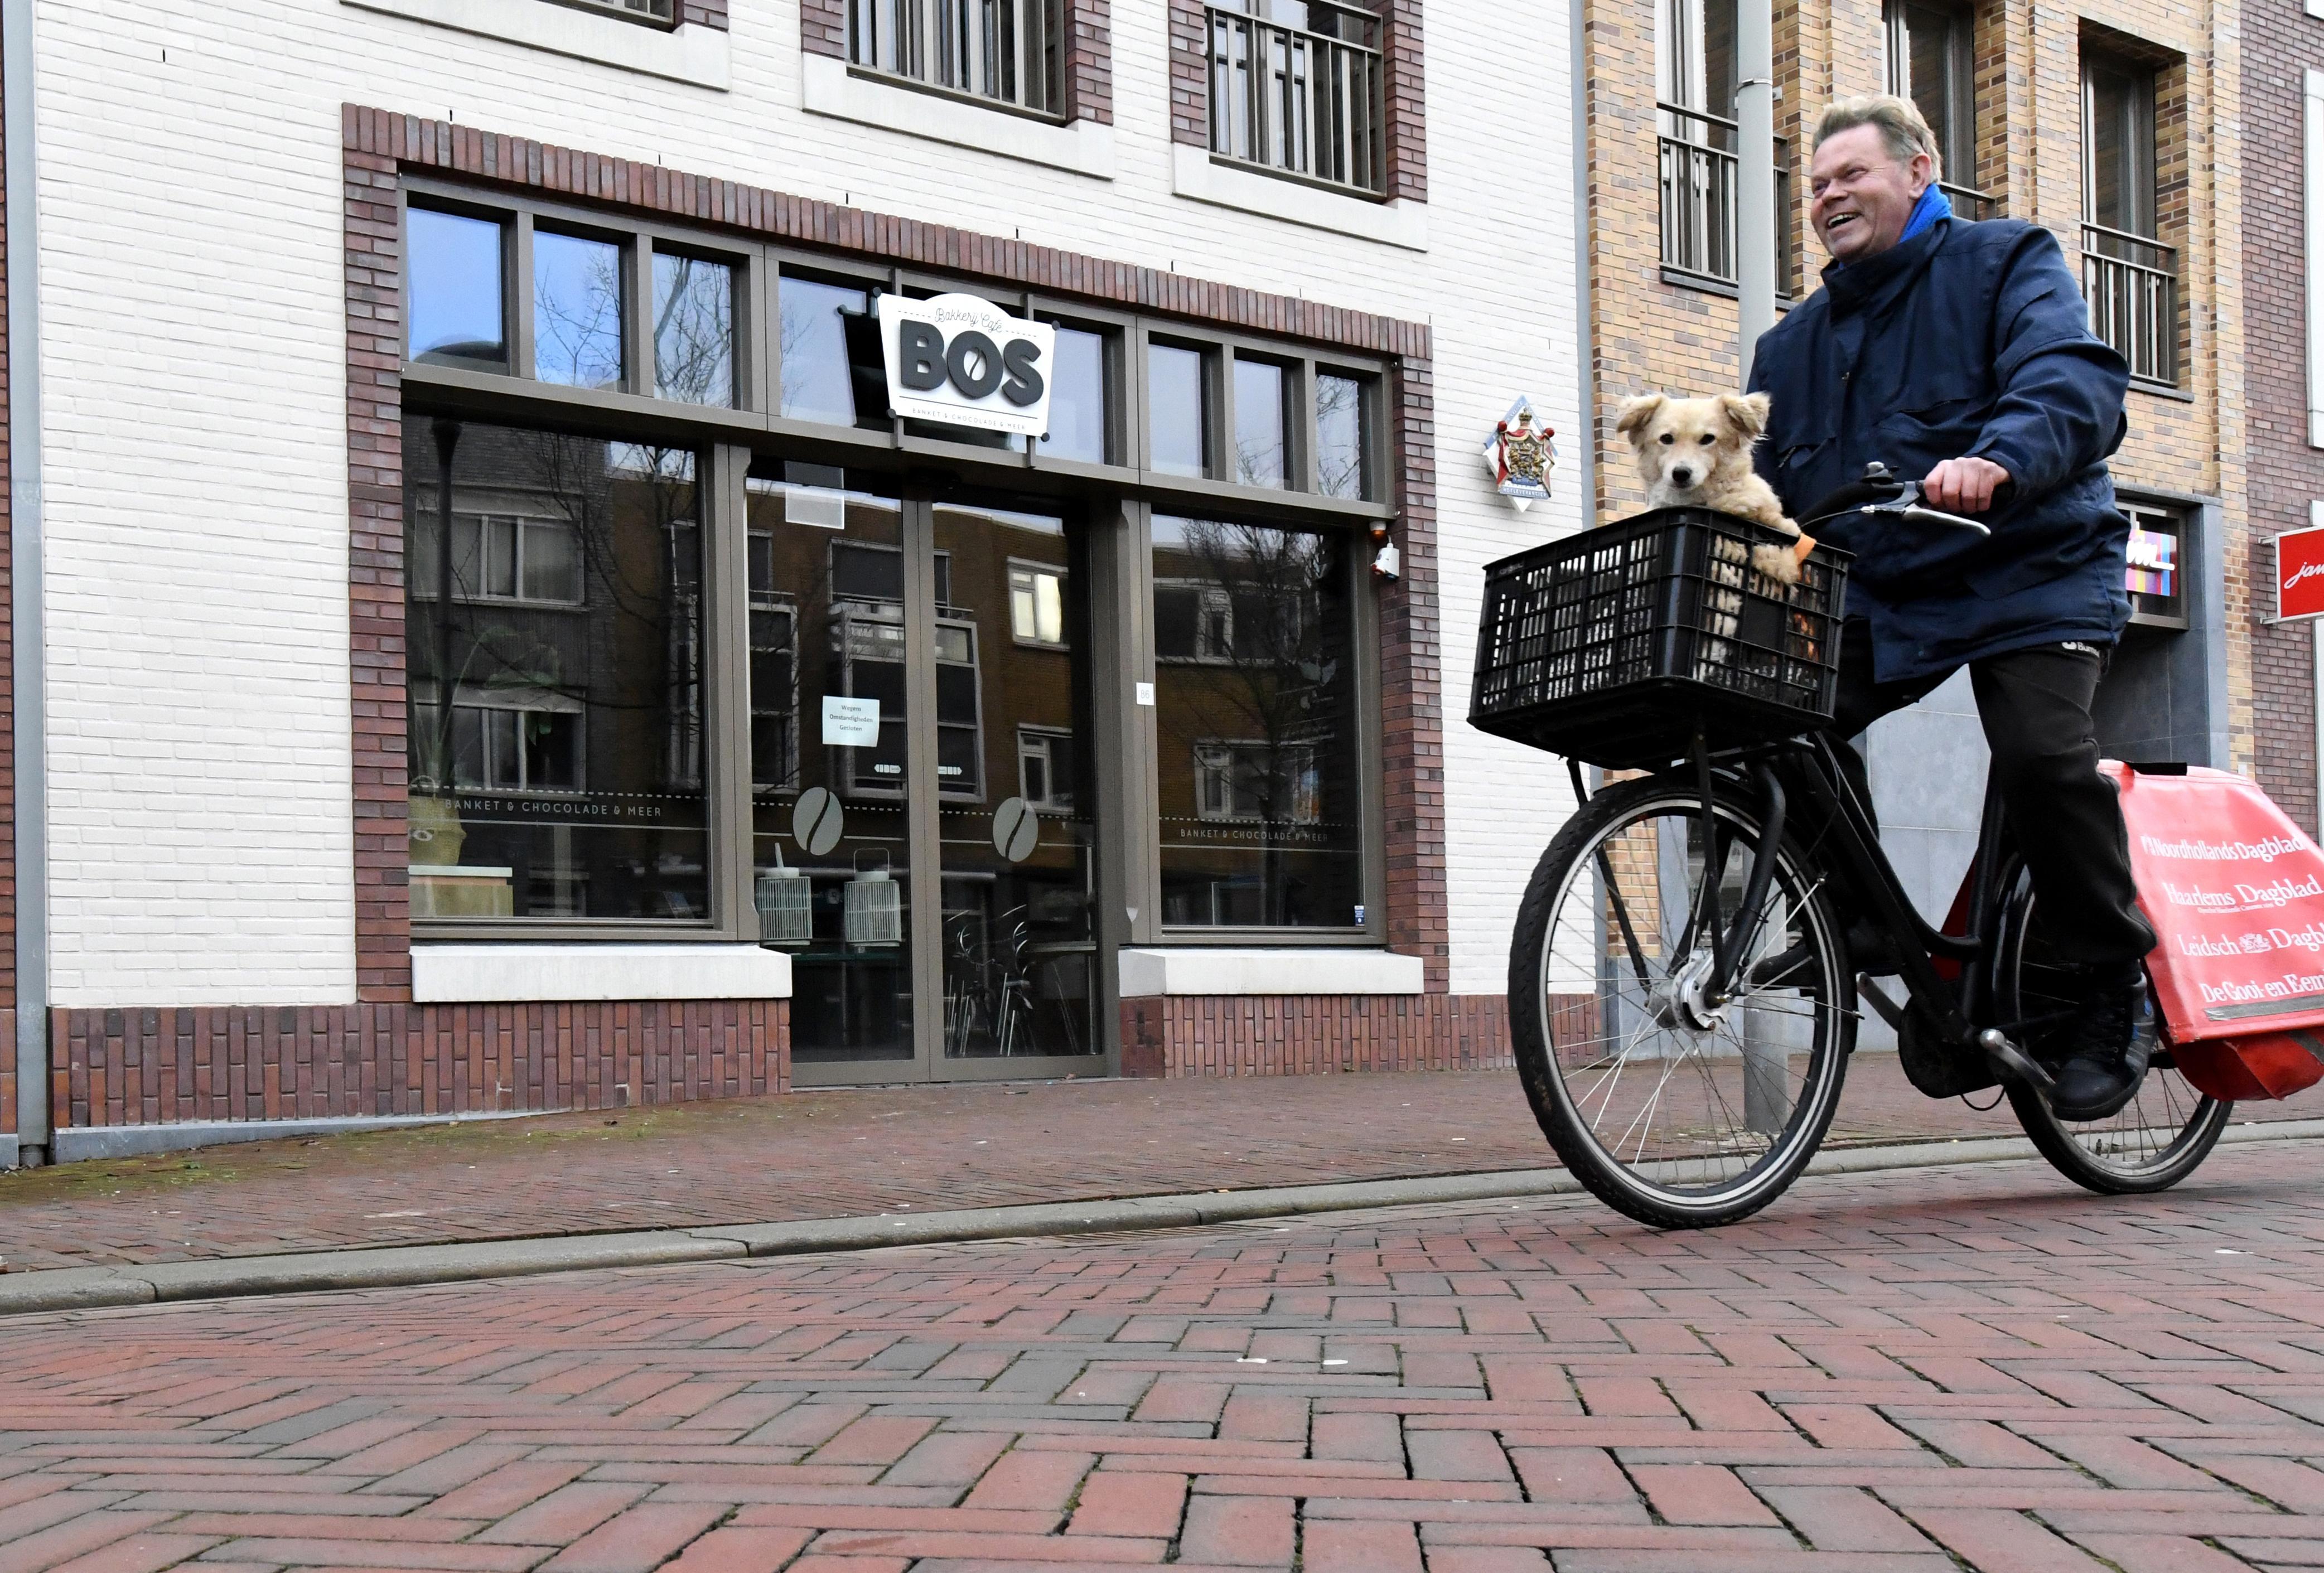 Bakkerij Bos uit Den Helder was op het moment van de verhuizing naar de Beatrixstraat al geen sterk bedrijf, zo stelt de curator vast in onderzoek naar achtergronden faillissement